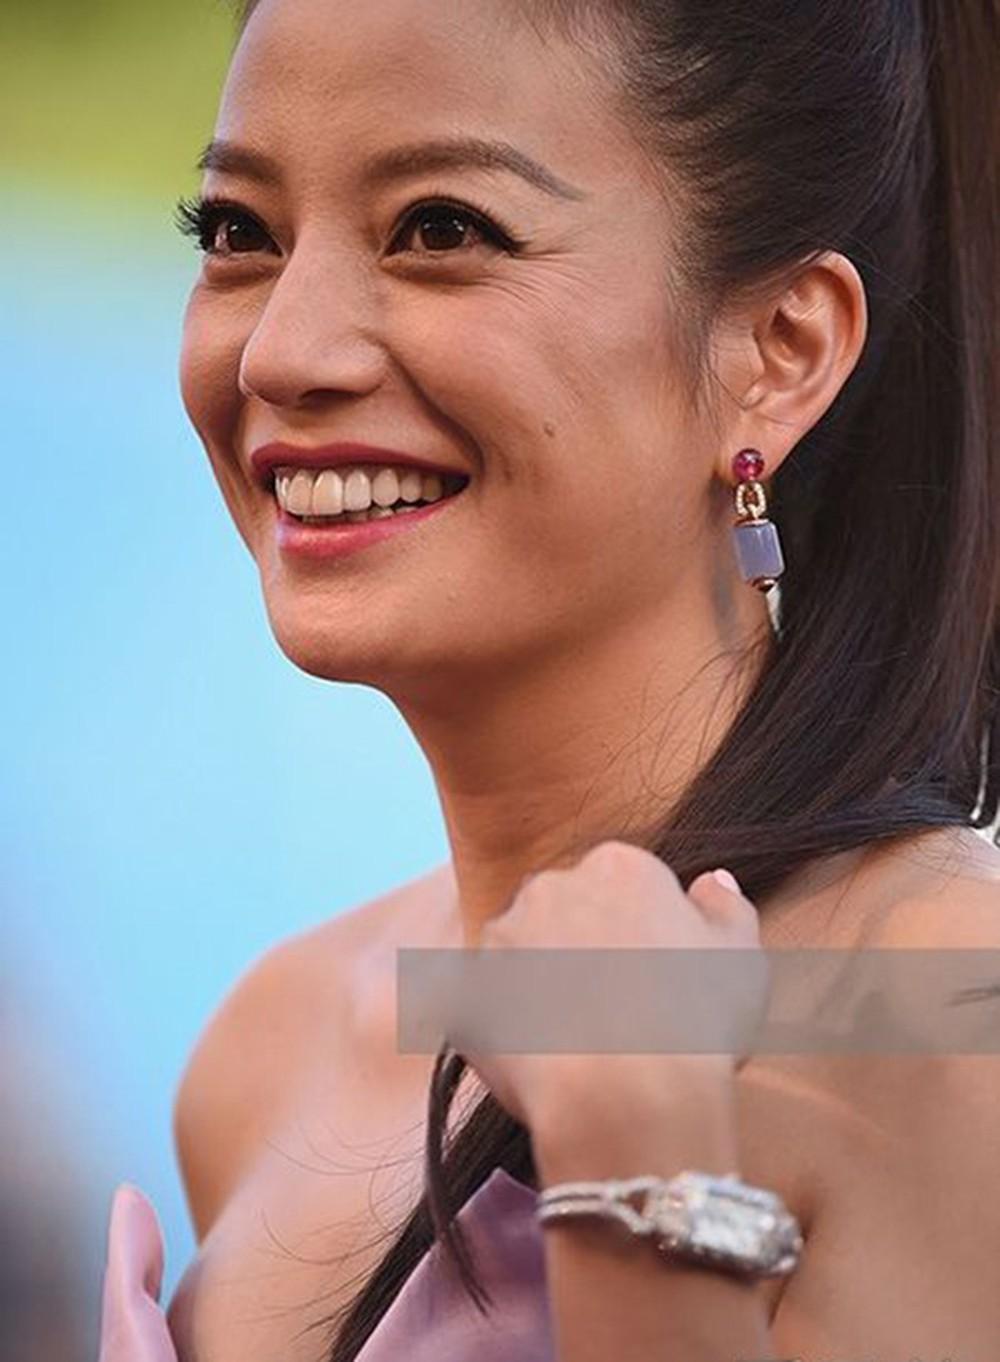 """Dù để tóc """"hack tuổi"""", Song Hye Kyo vẫn lộ dấu hiệu lão hóa rõ rành rành không thể chối cãi - Ảnh 5."""